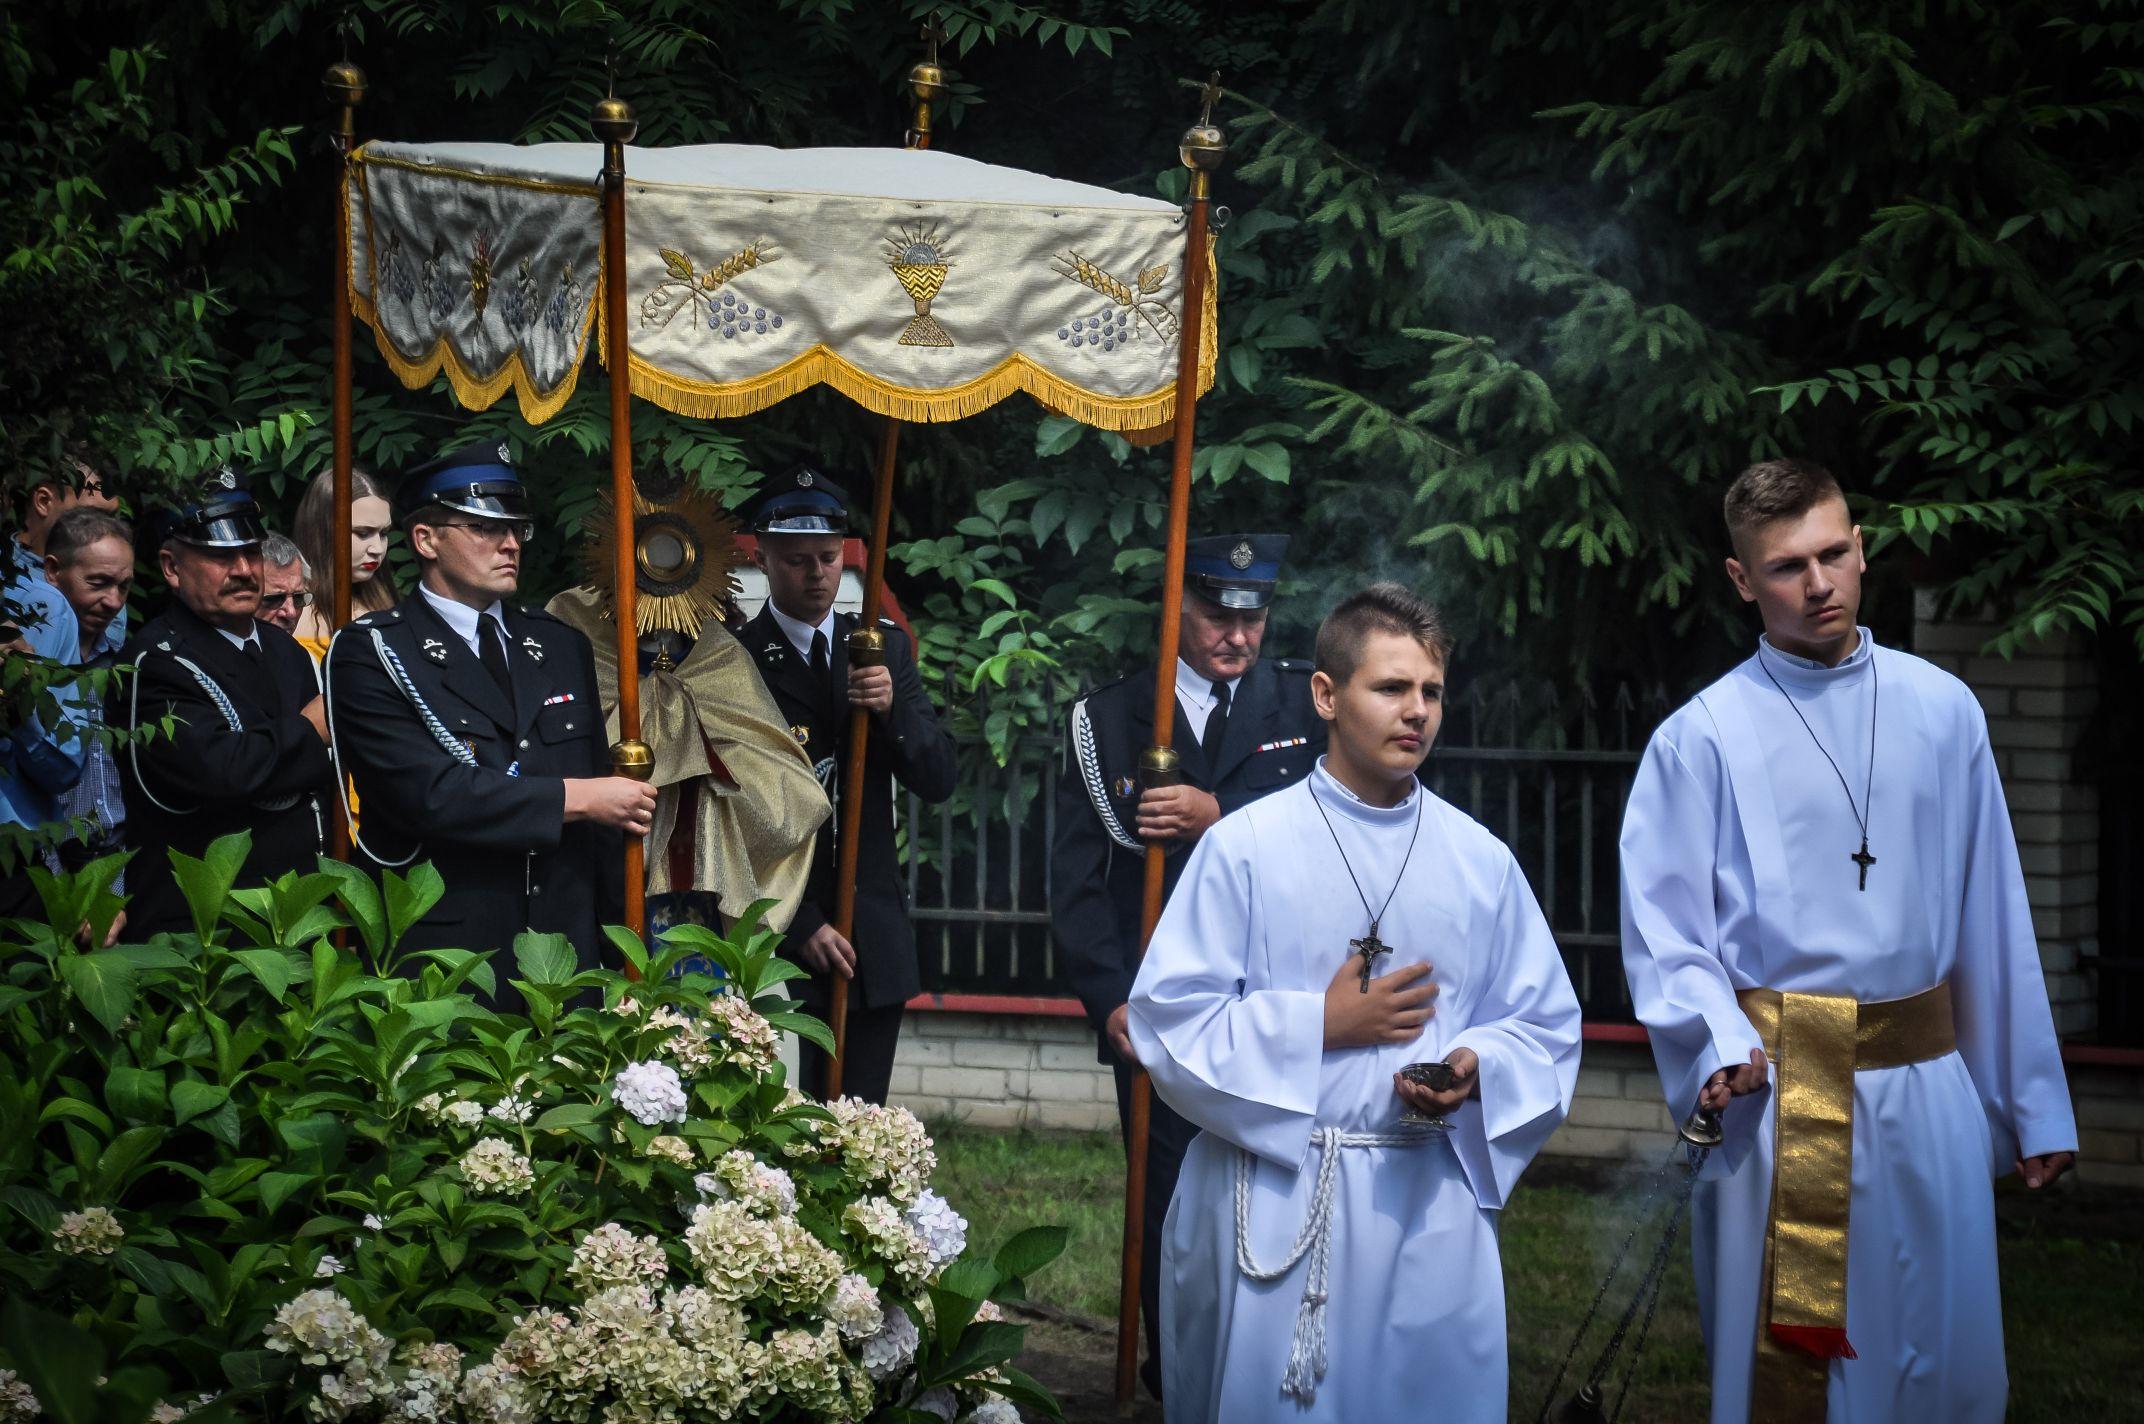 Uroczystość Wniebowzięcia Najświętszej Marii Panny w Borkach Nizińskich [FOTO, VIDEO] - Zdjęcie główne